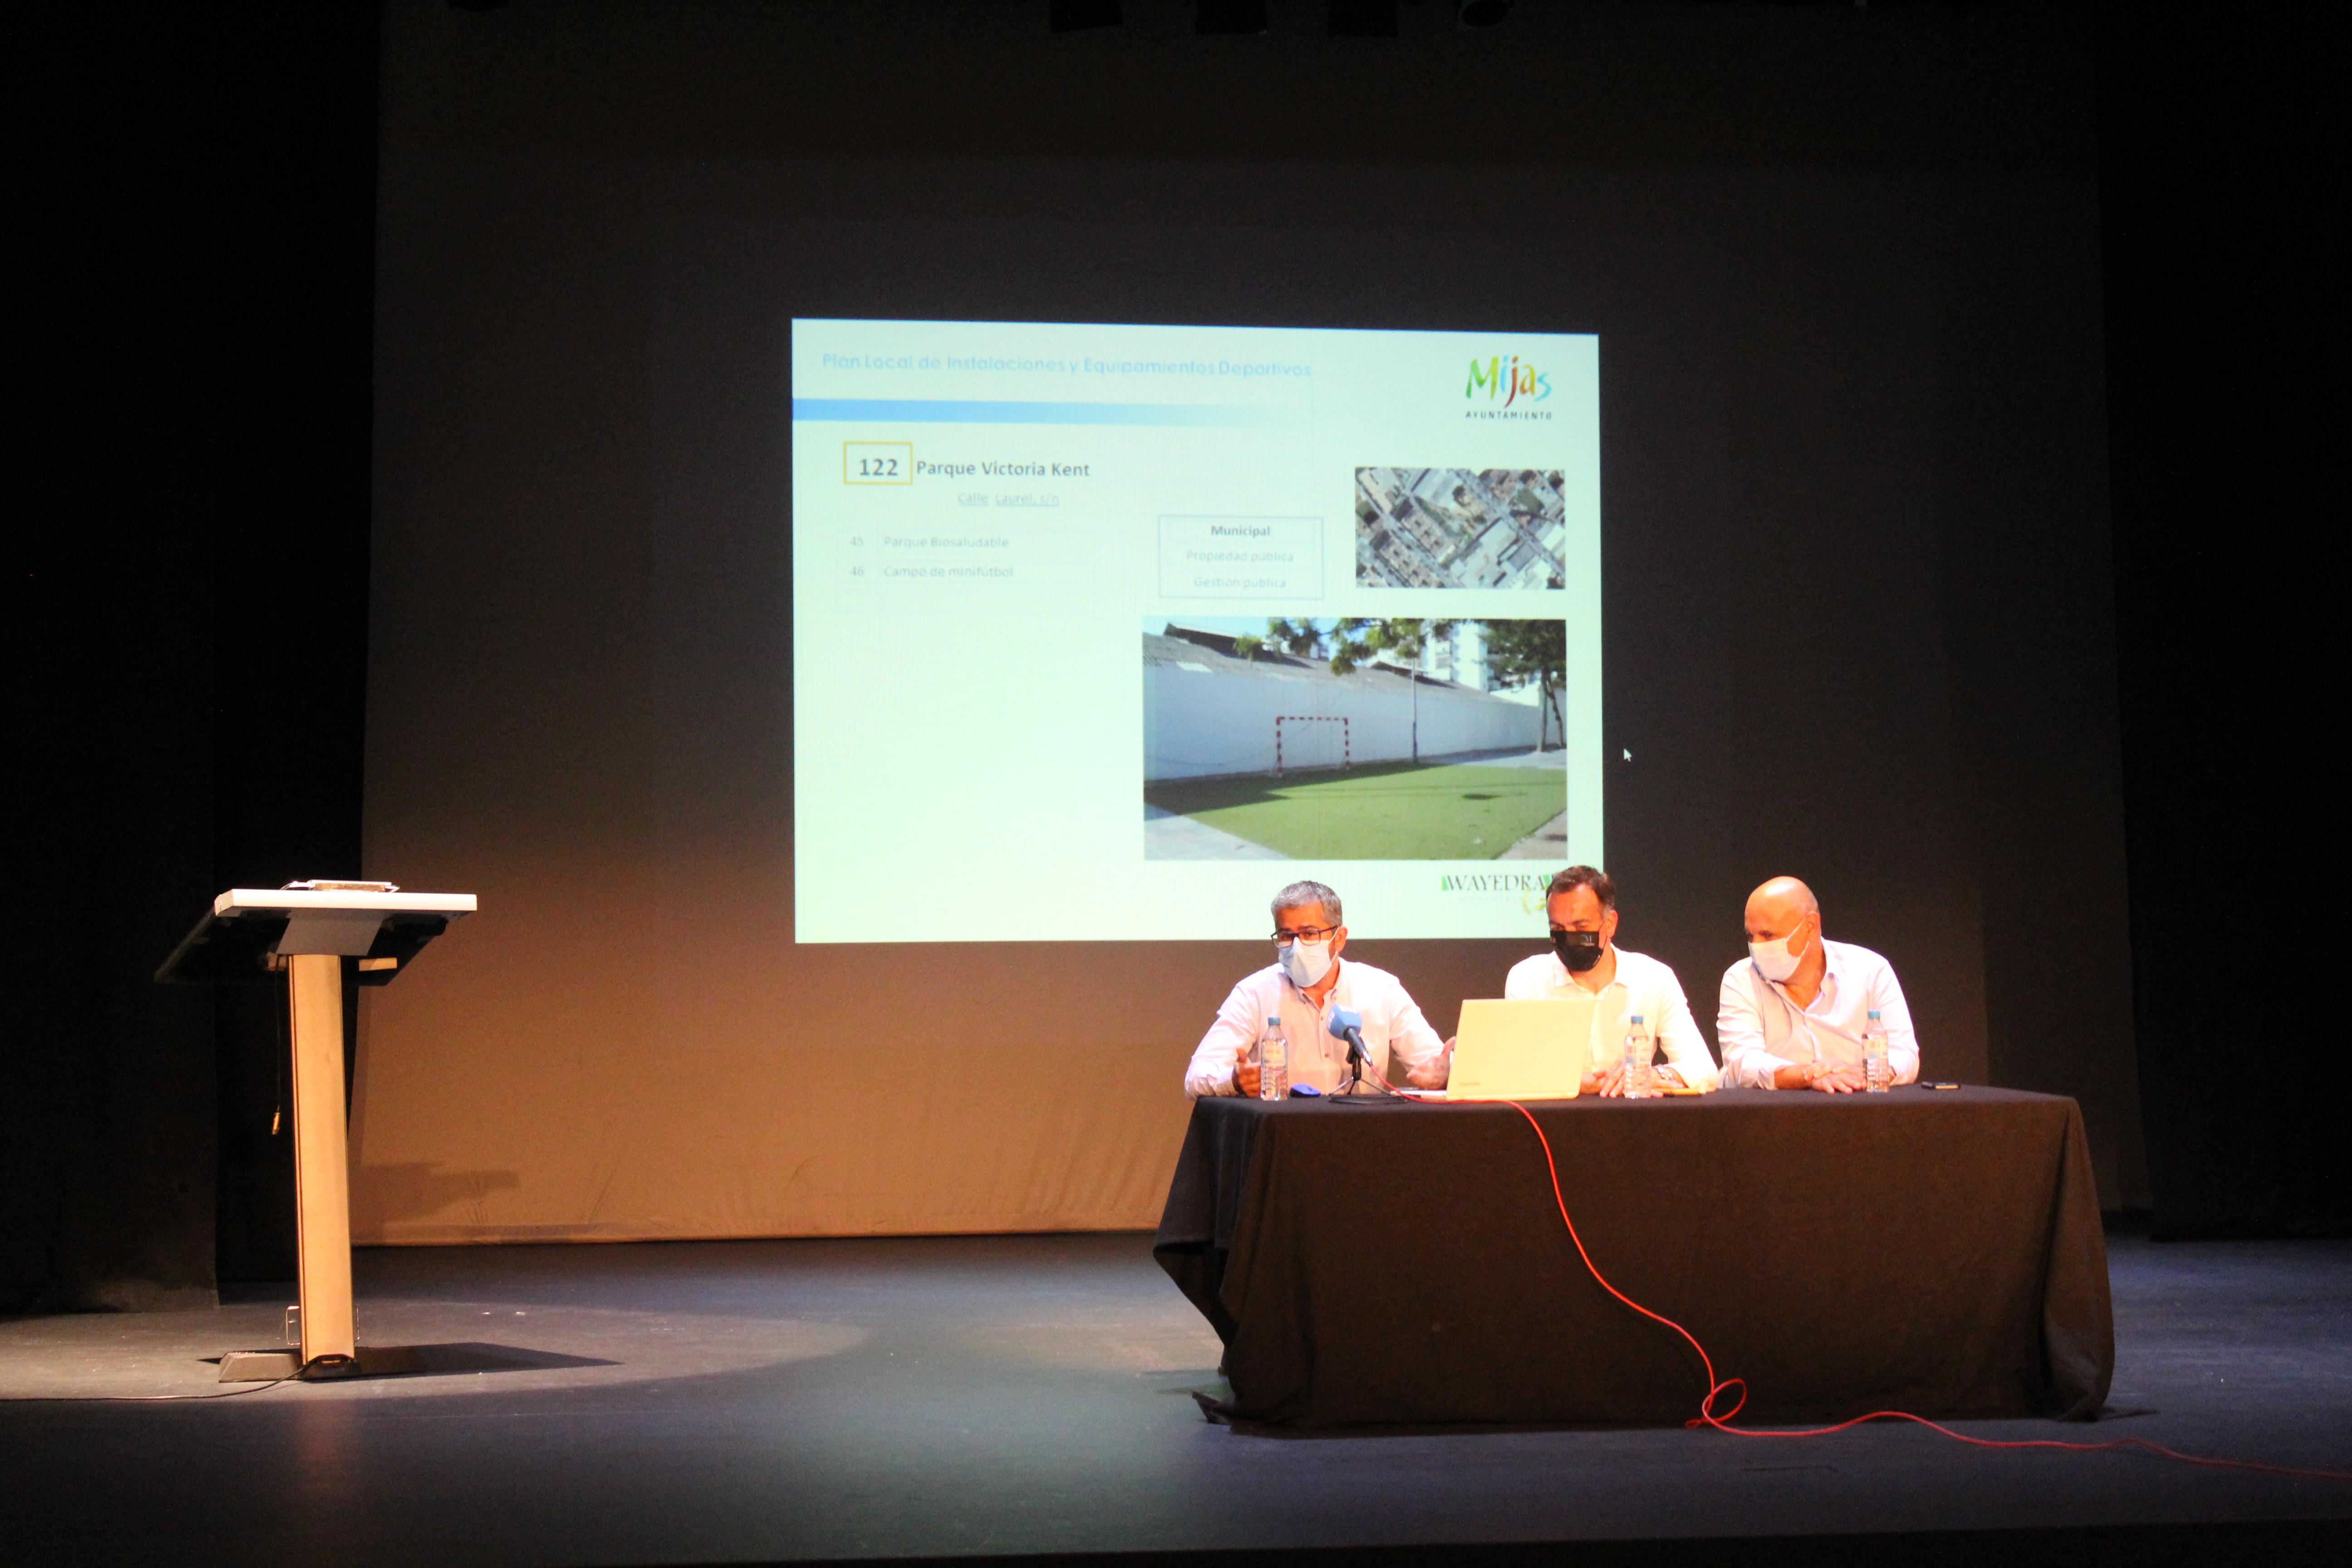 Mijas planifica el futuro de las instalaciones deportivas con un plan local detallado